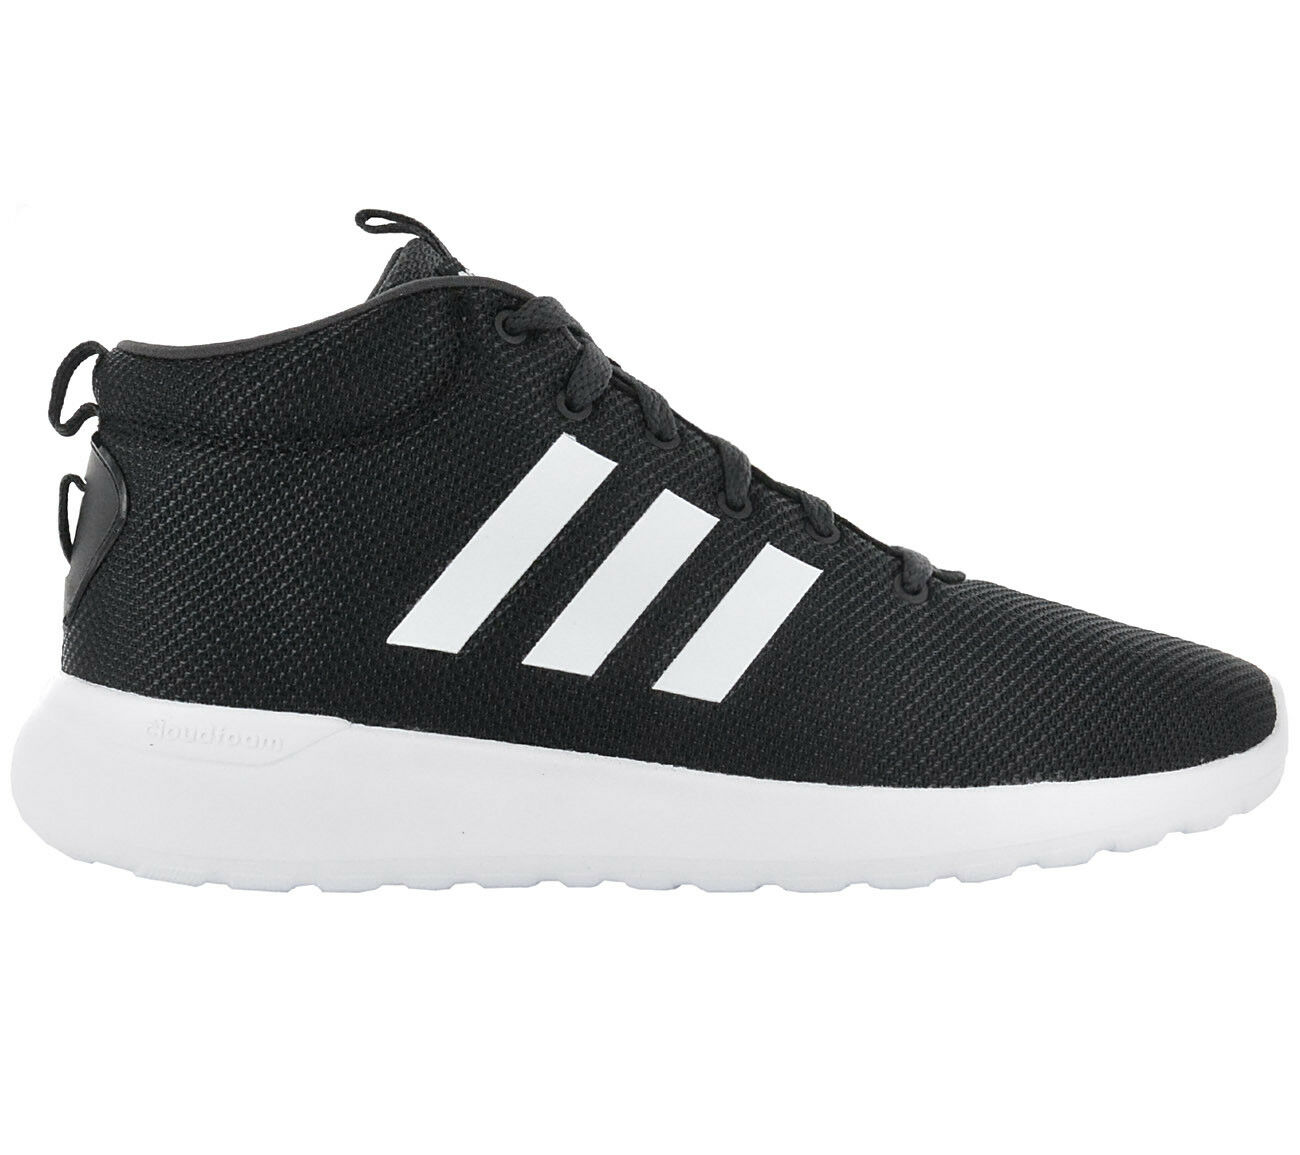 Venta de liquidación de temporada Adidas Lite Racer Mid CF Cloudfoam Zapatos negros Zapatillas De Hombres Nuevos